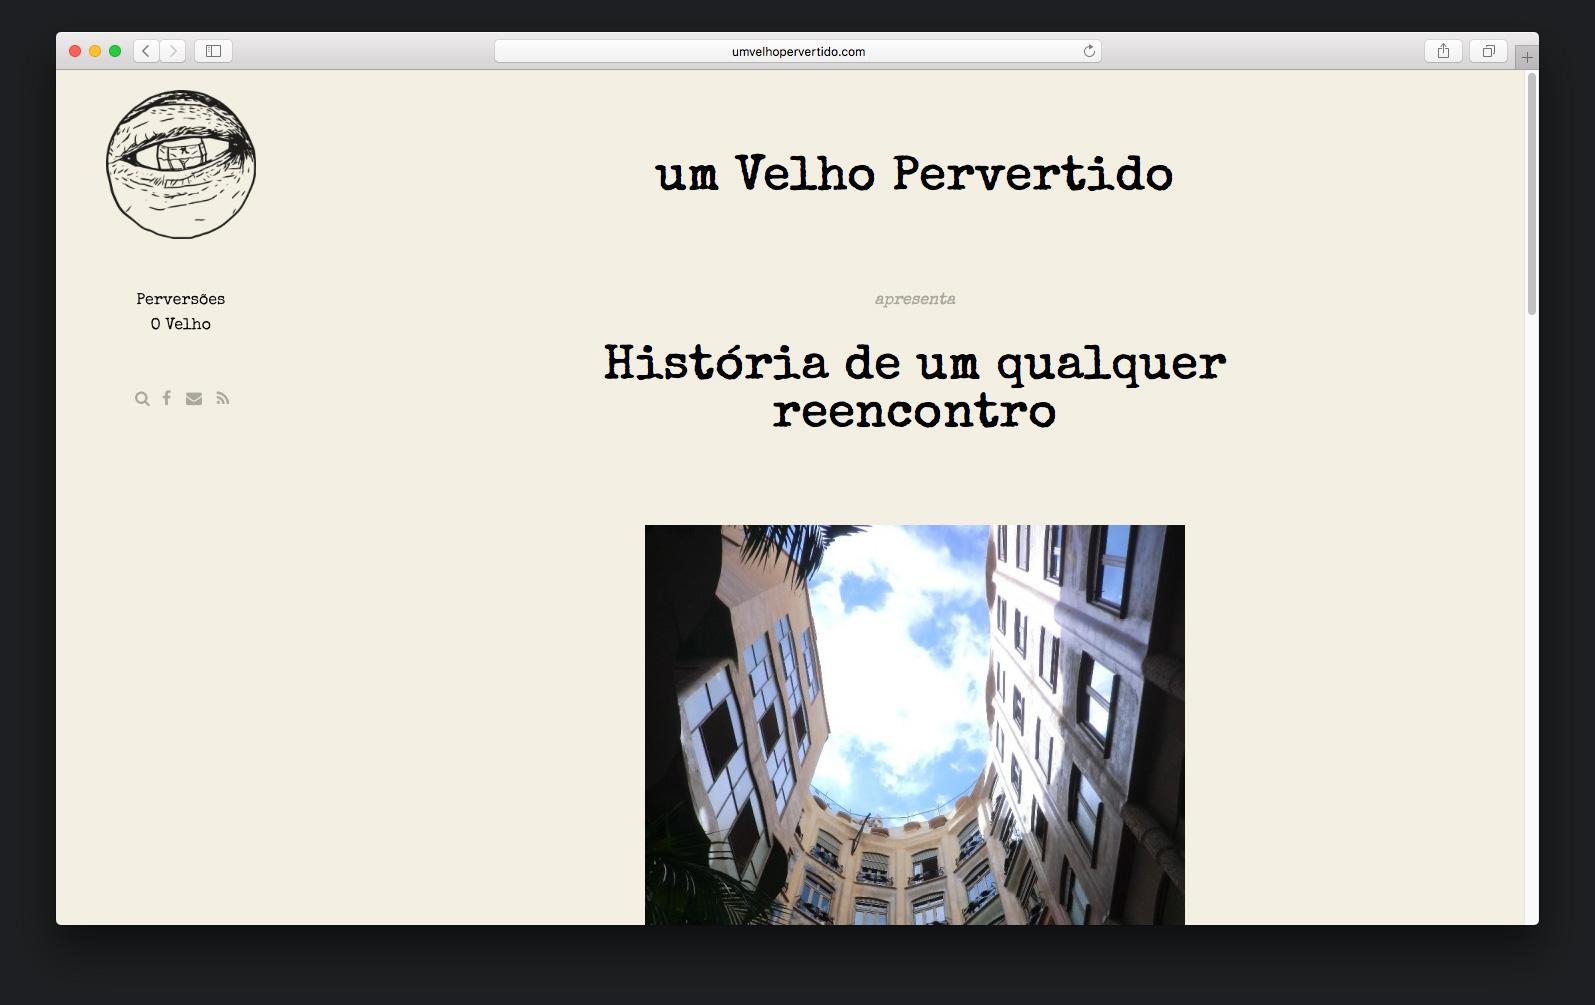 umvelhopervertido_com_1.jpg